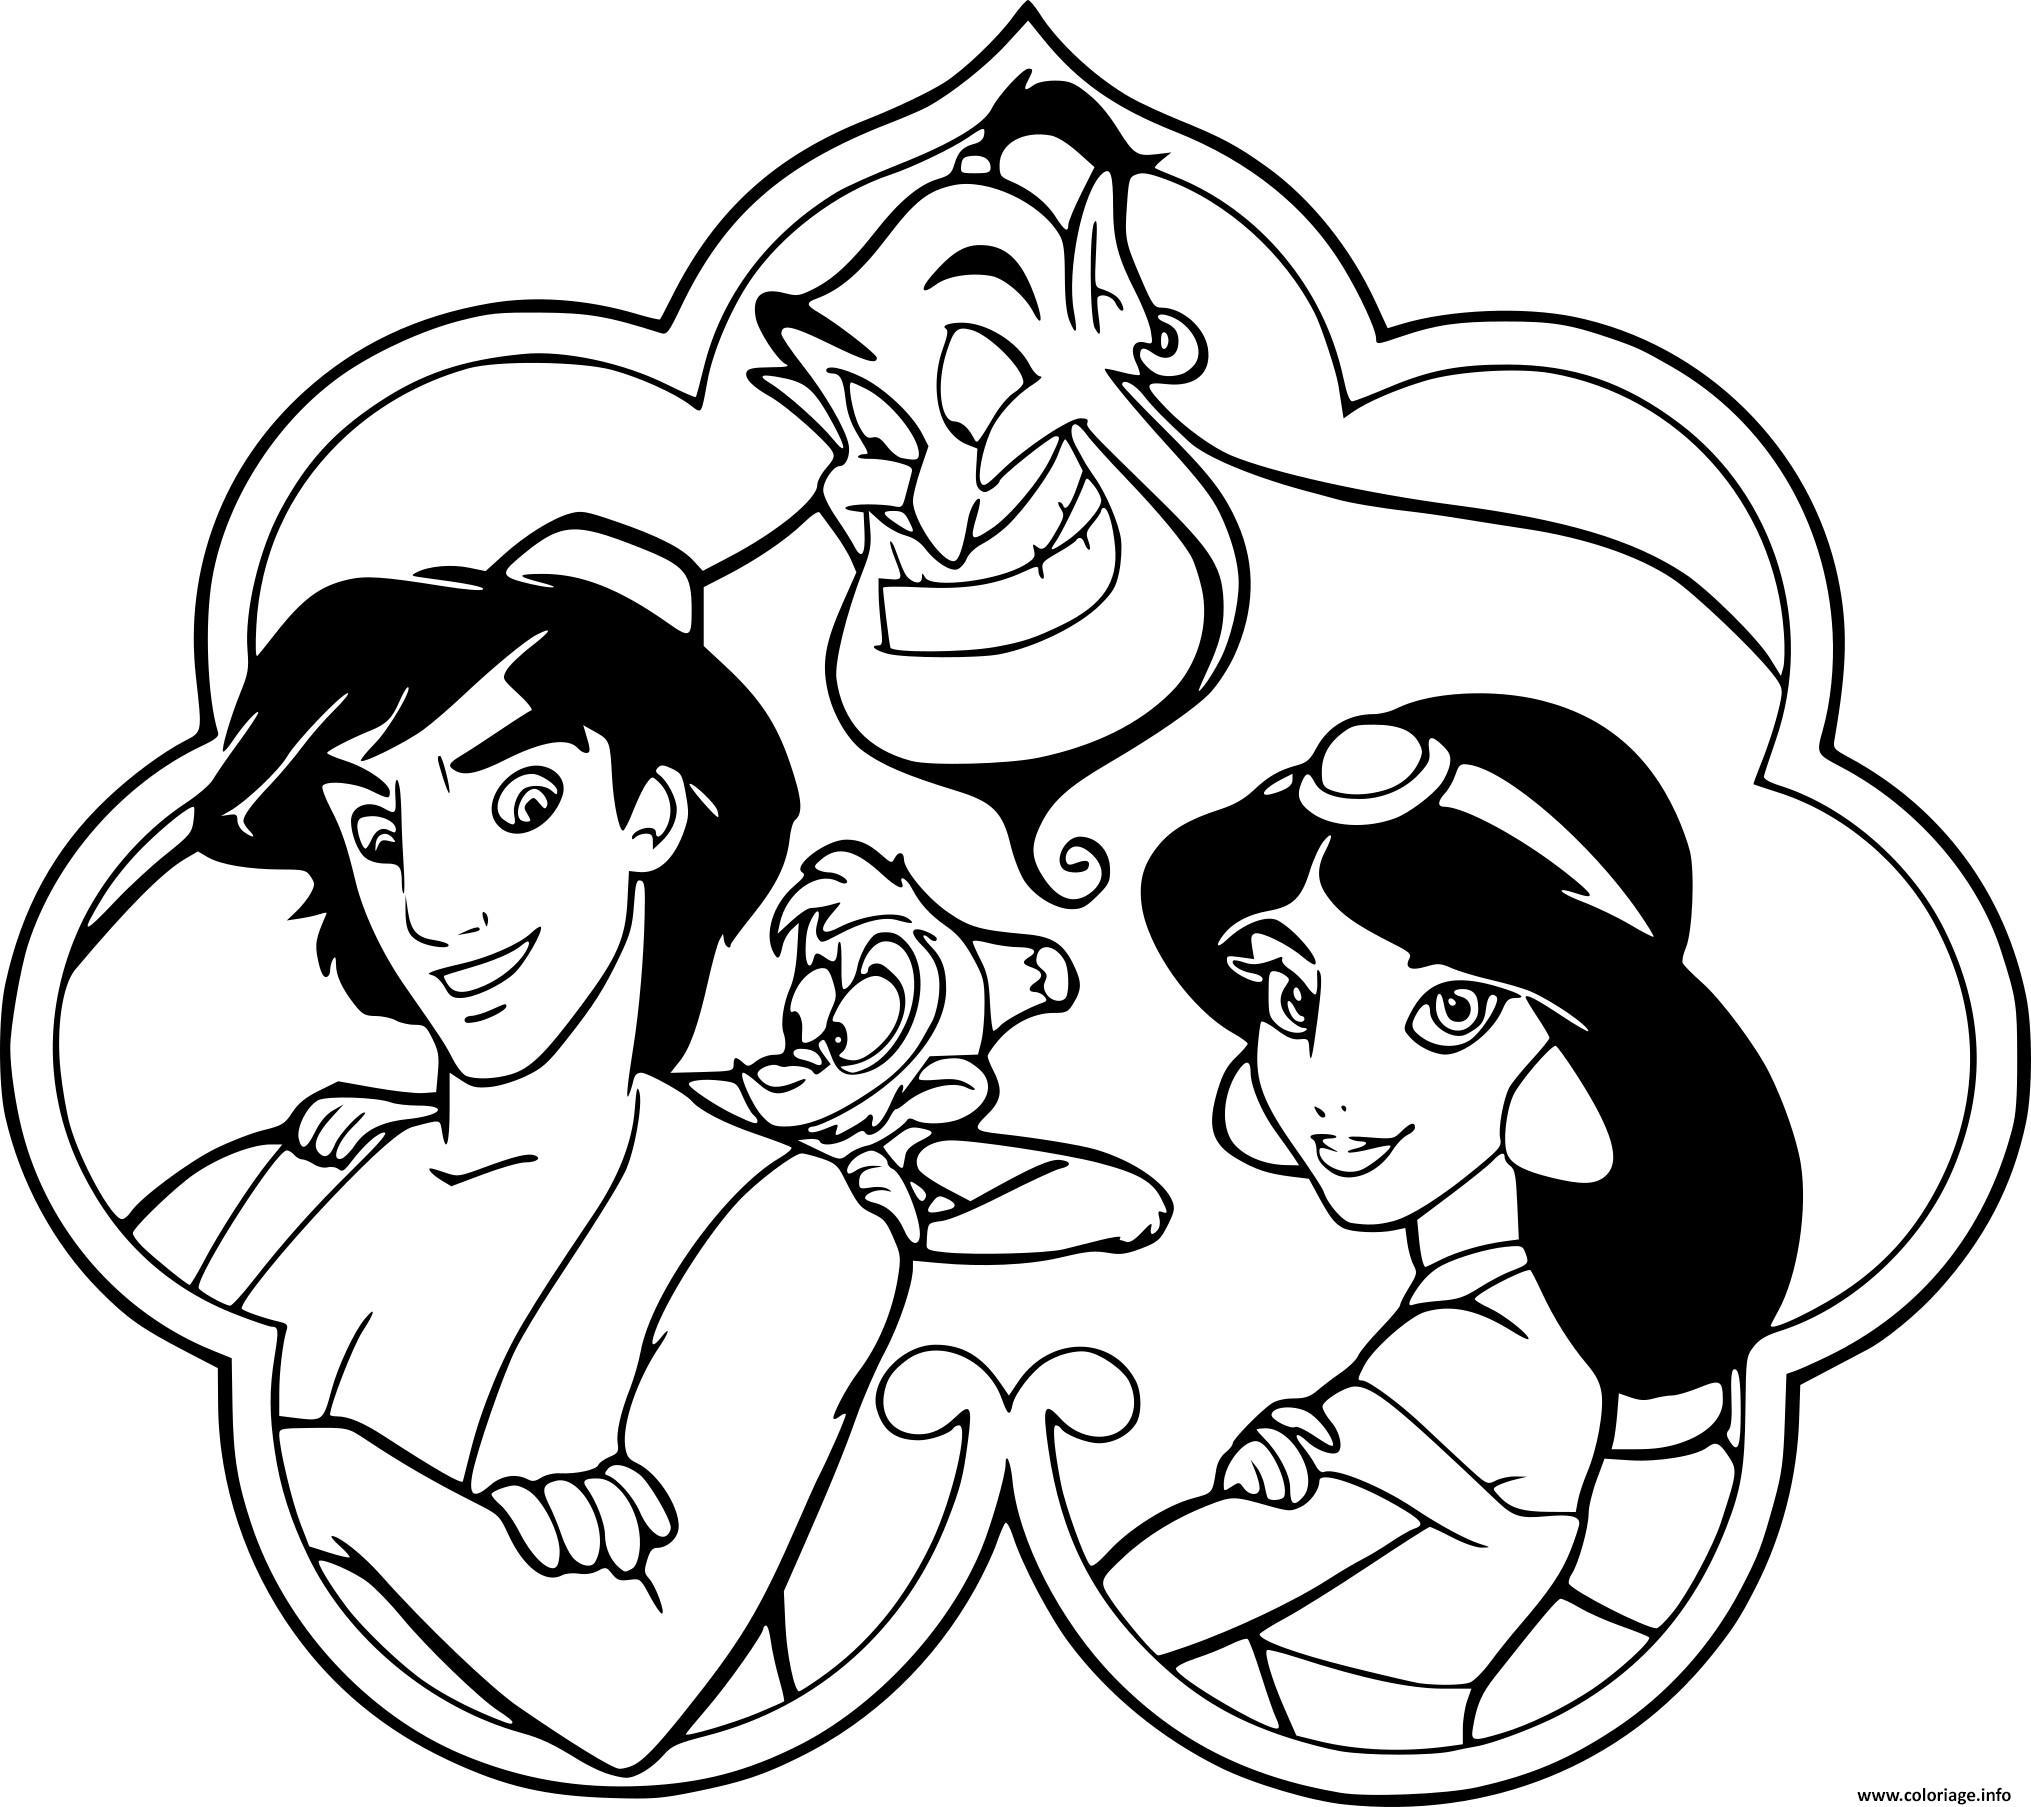 Coloriage aladdin jasmine genie abu dessin - Coloriage a colorier et a imprimer ...